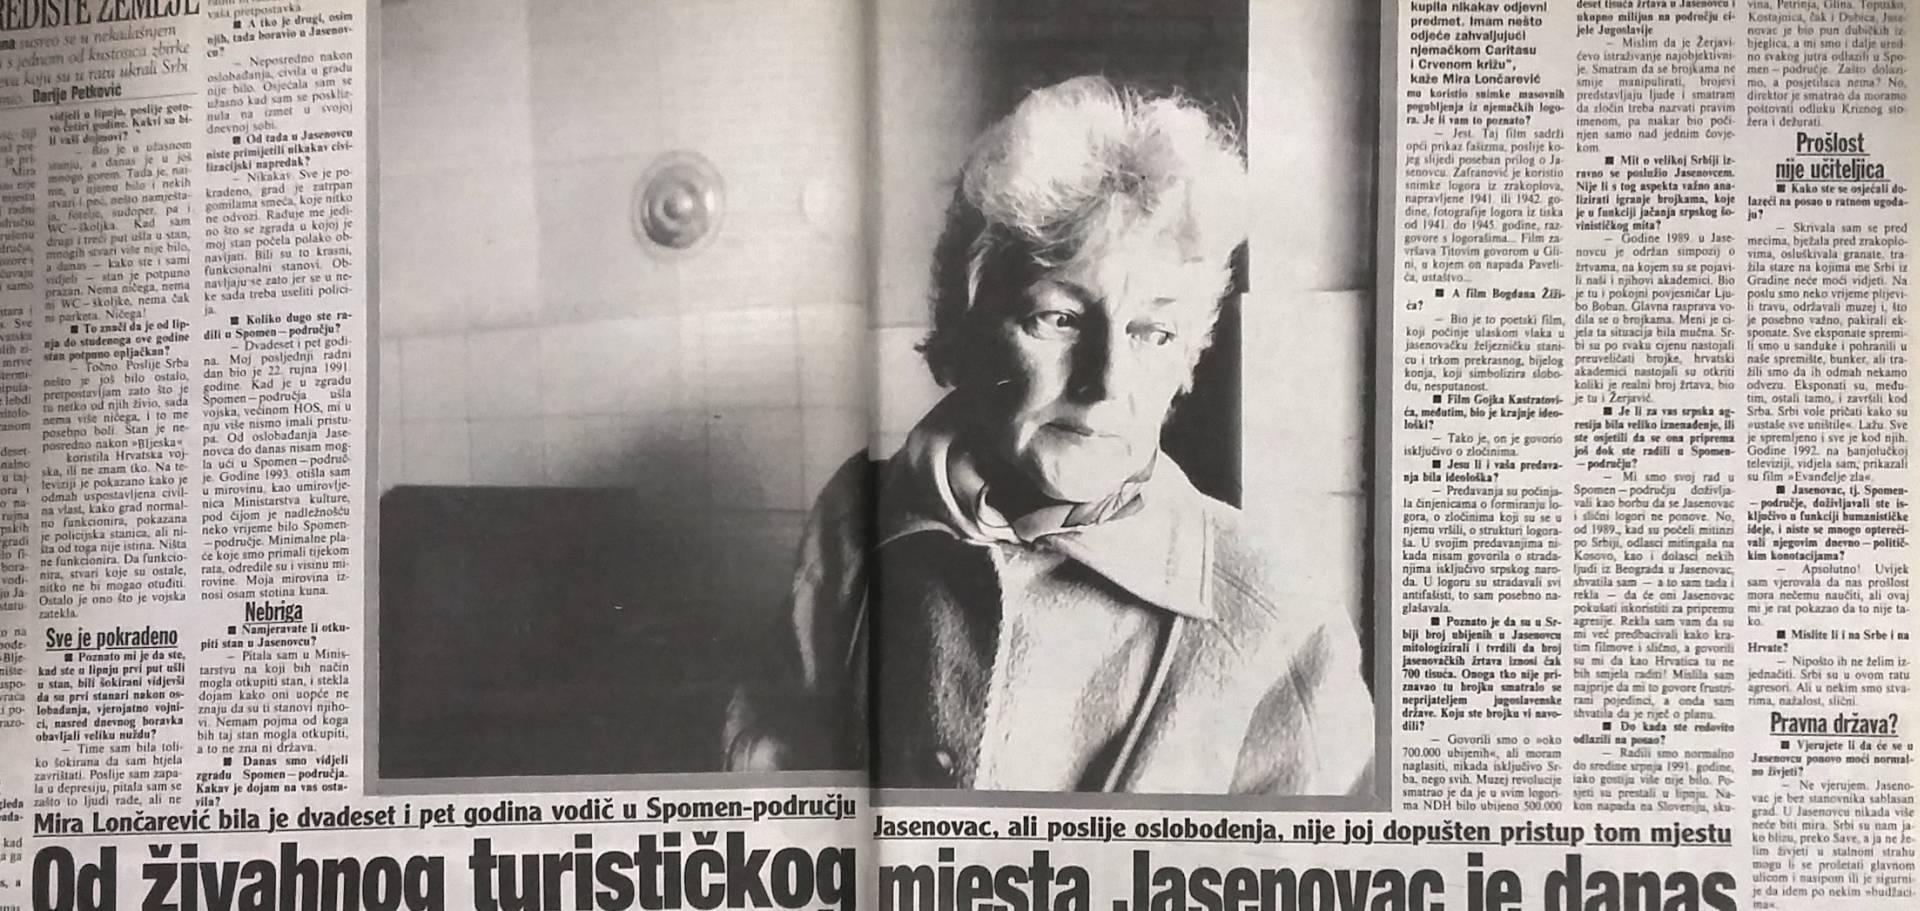 NAKON DUGE I TEŠKE BOLESTI PREMINULA MIRA LONČAREVIĆ Žena koja je 90-ih upozorila na zatiranje antifašizma